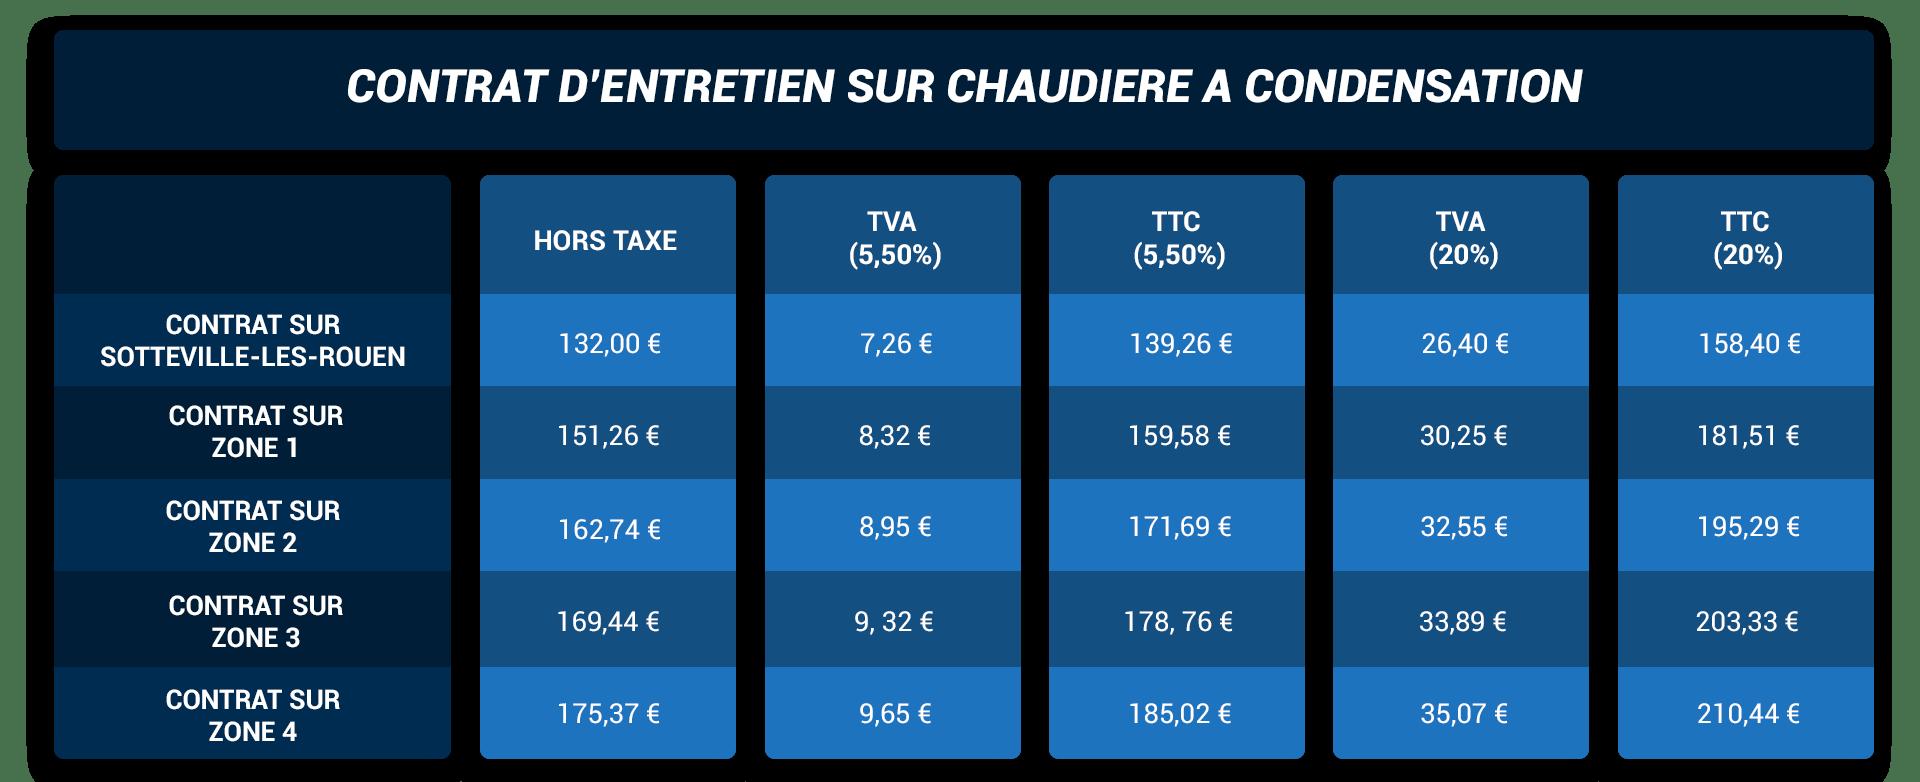 https://www.depannage-mallet.fr/wp-content/uploads/2020/09/contrat-dentretien-pour-chaudiere-a-condensation.png